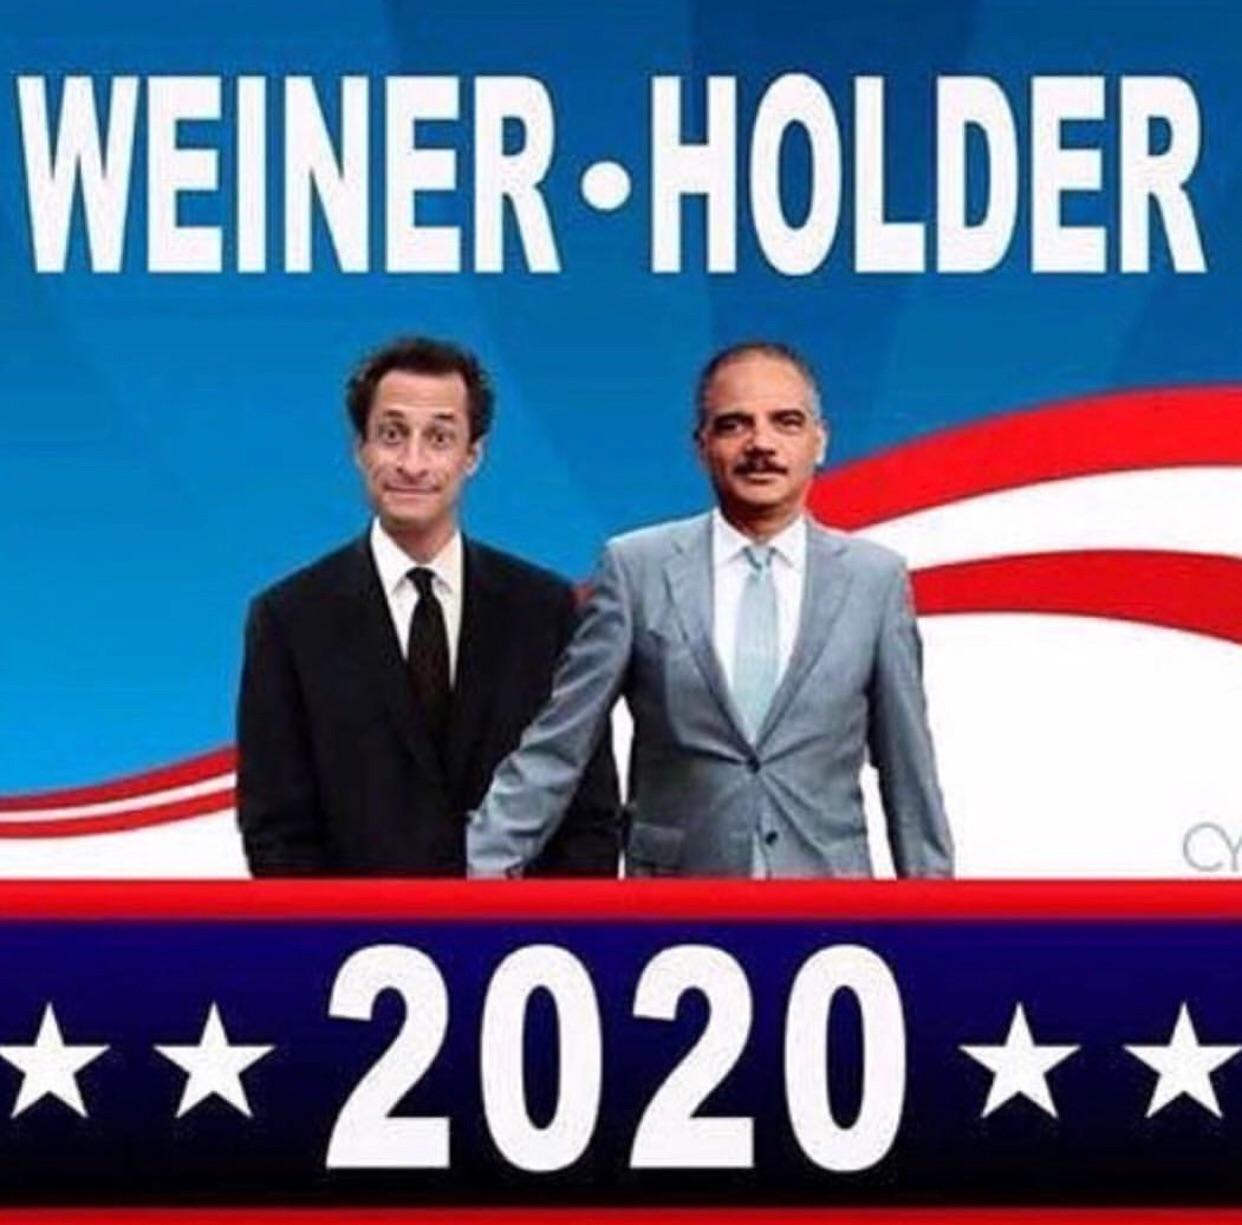 weiner holder 2020